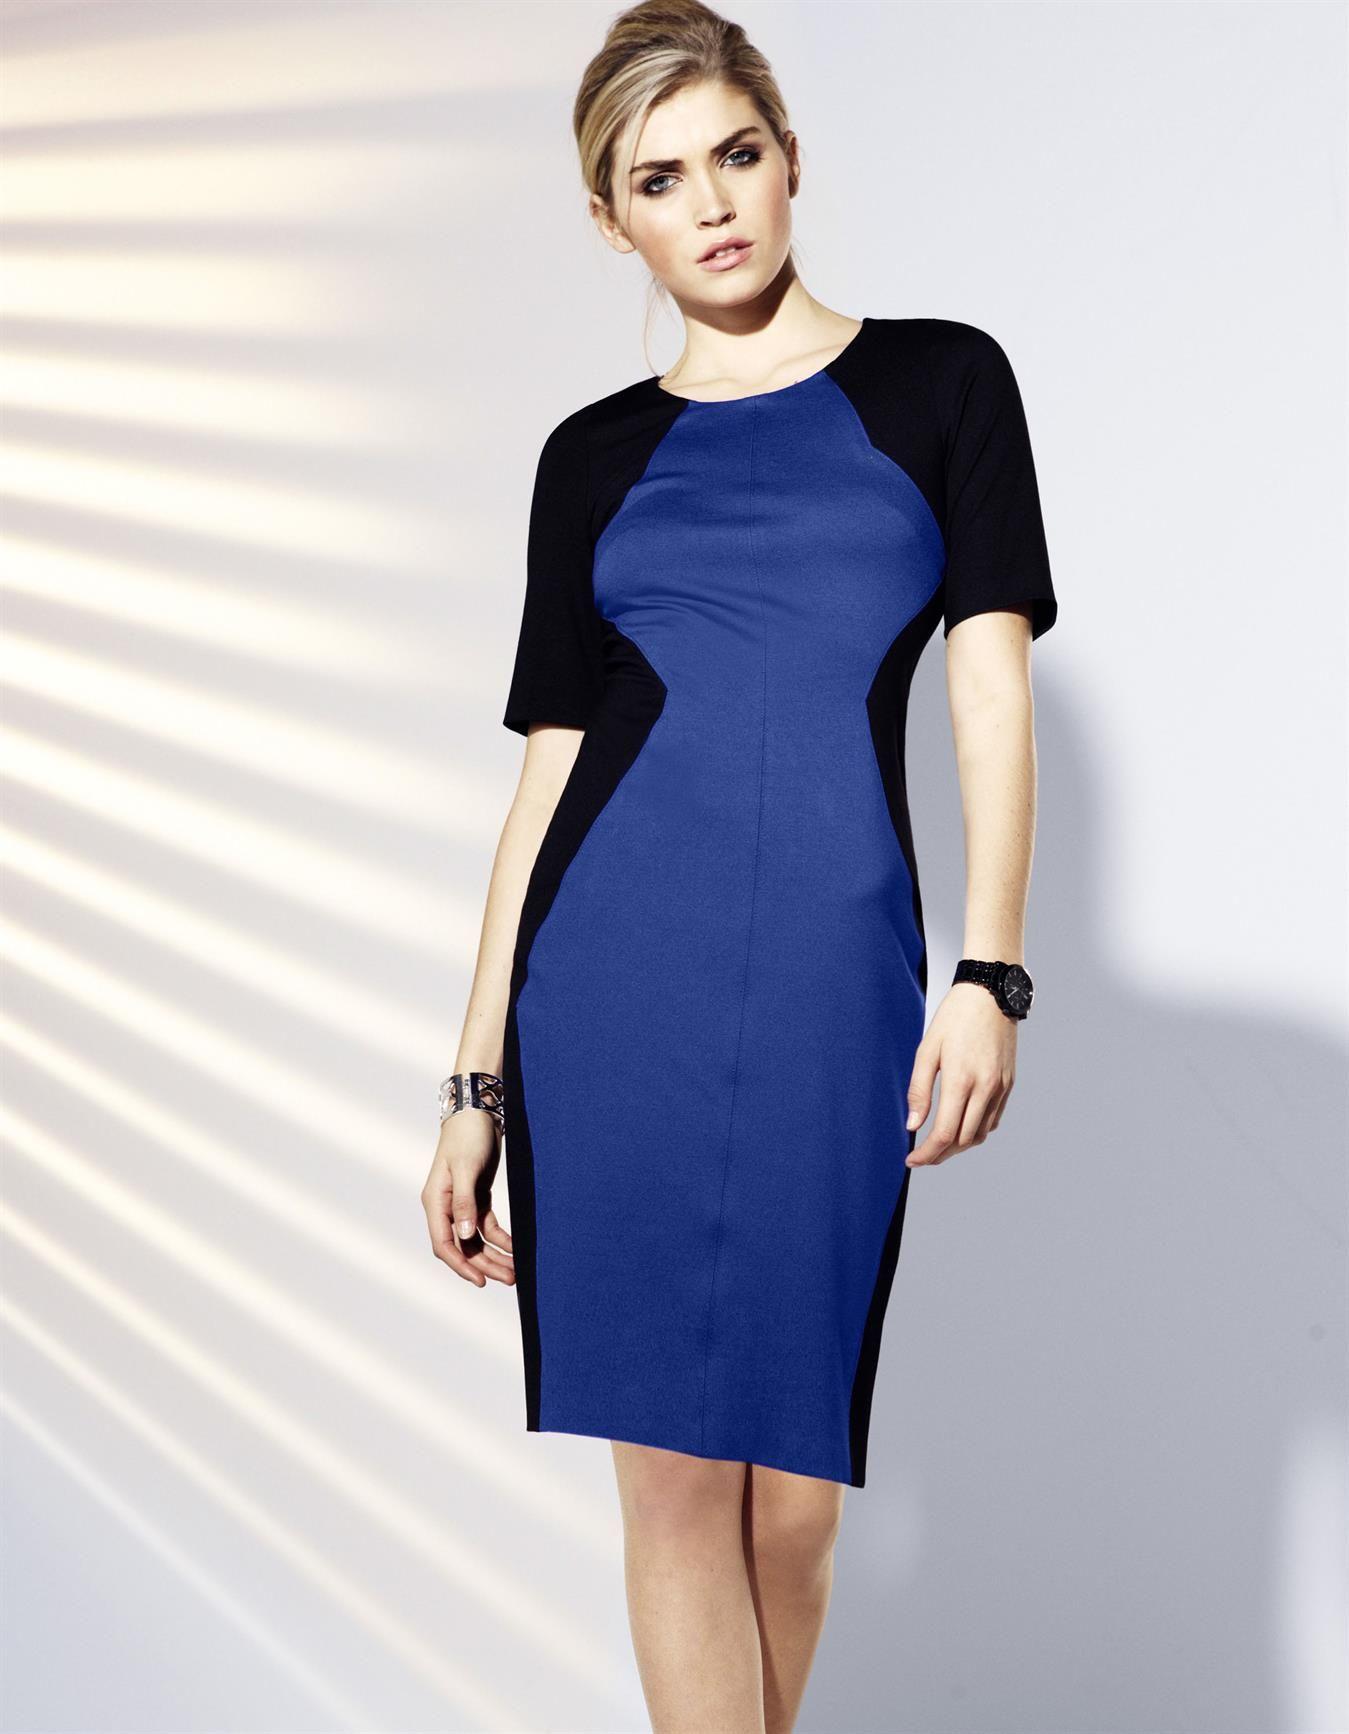 Kleid in der Farbe schwarz / royal - royalblau - schwarz ...